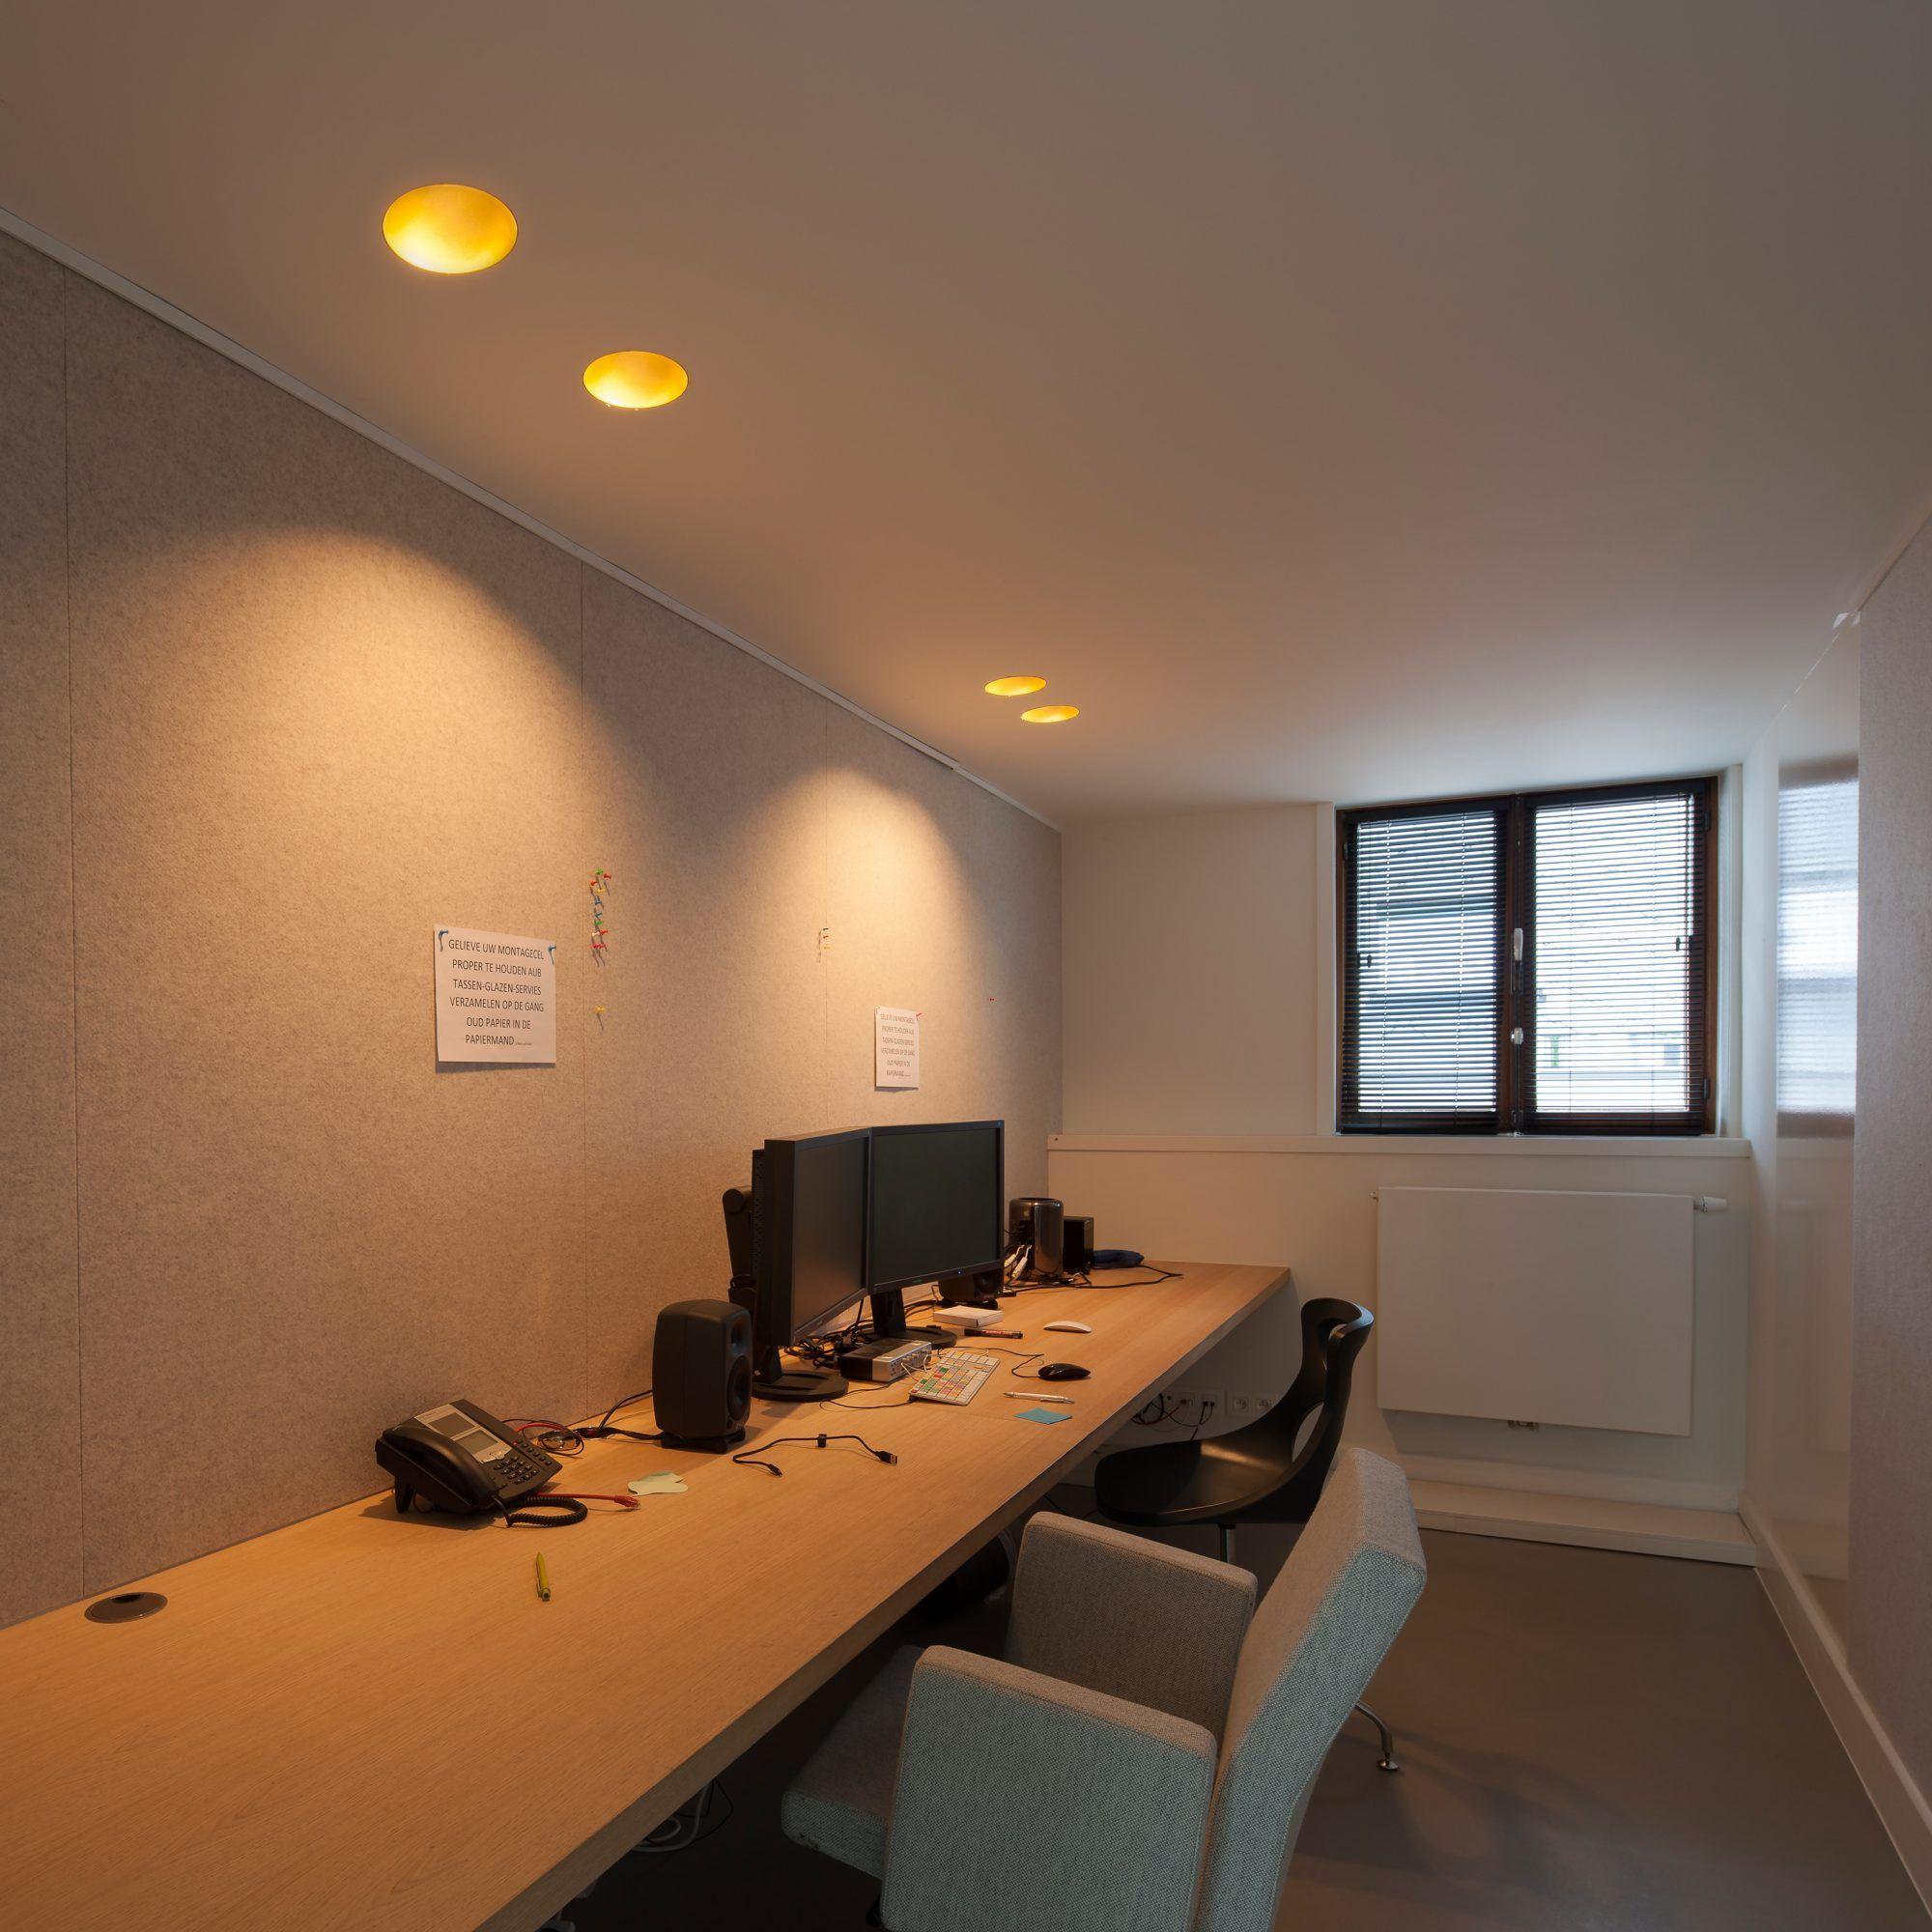 ace lighting heeft 30 jaar ervaring in verlichting kom inspiratie opdoen in onze 4 winkels